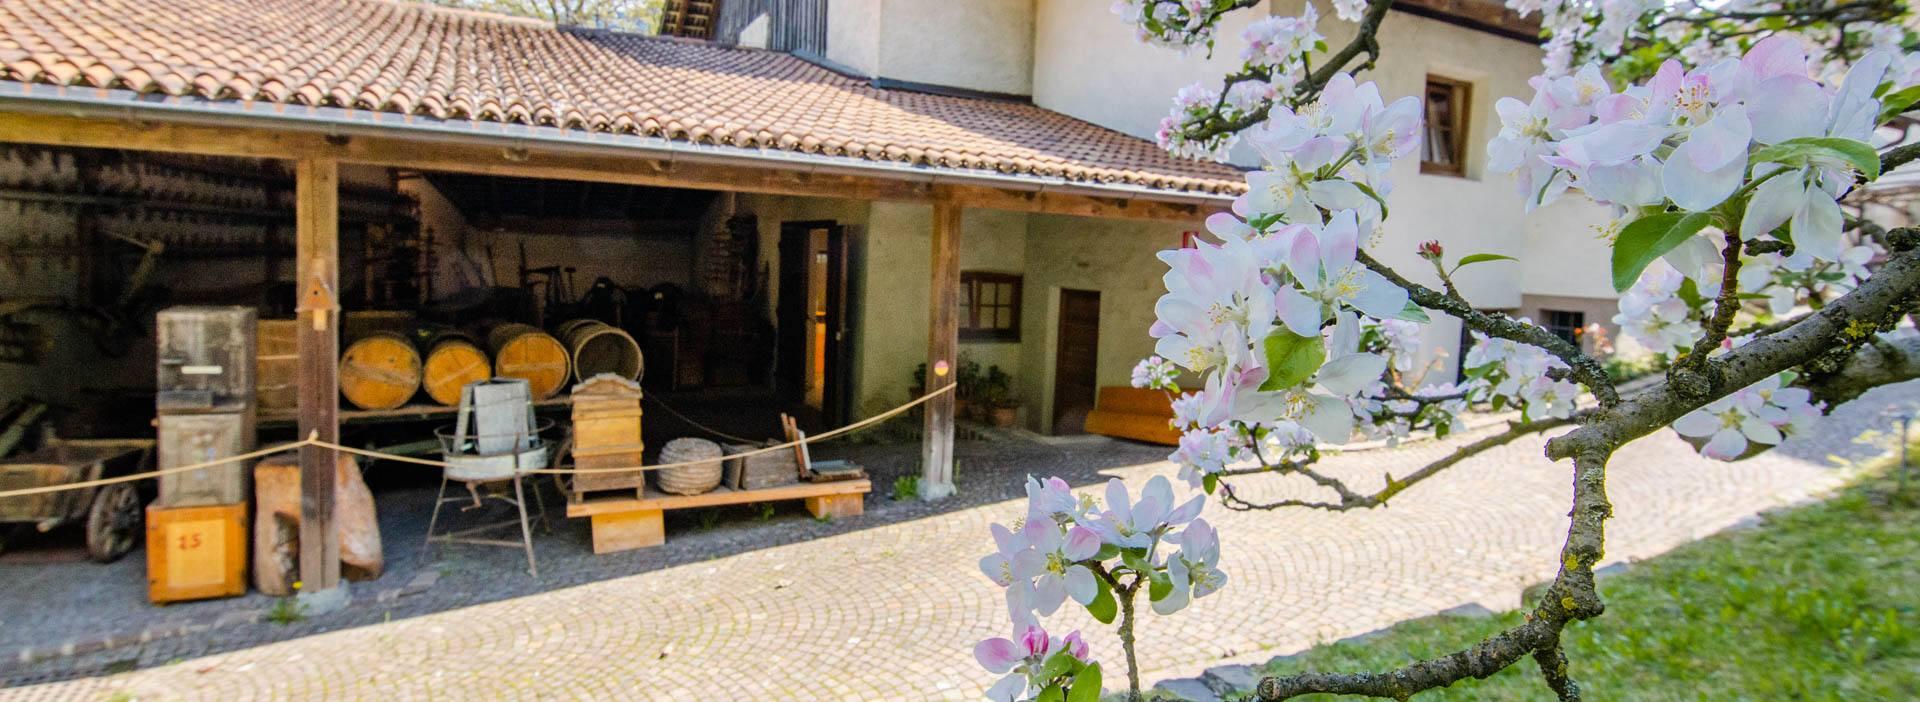 Südtiroler Obstbaumuseum